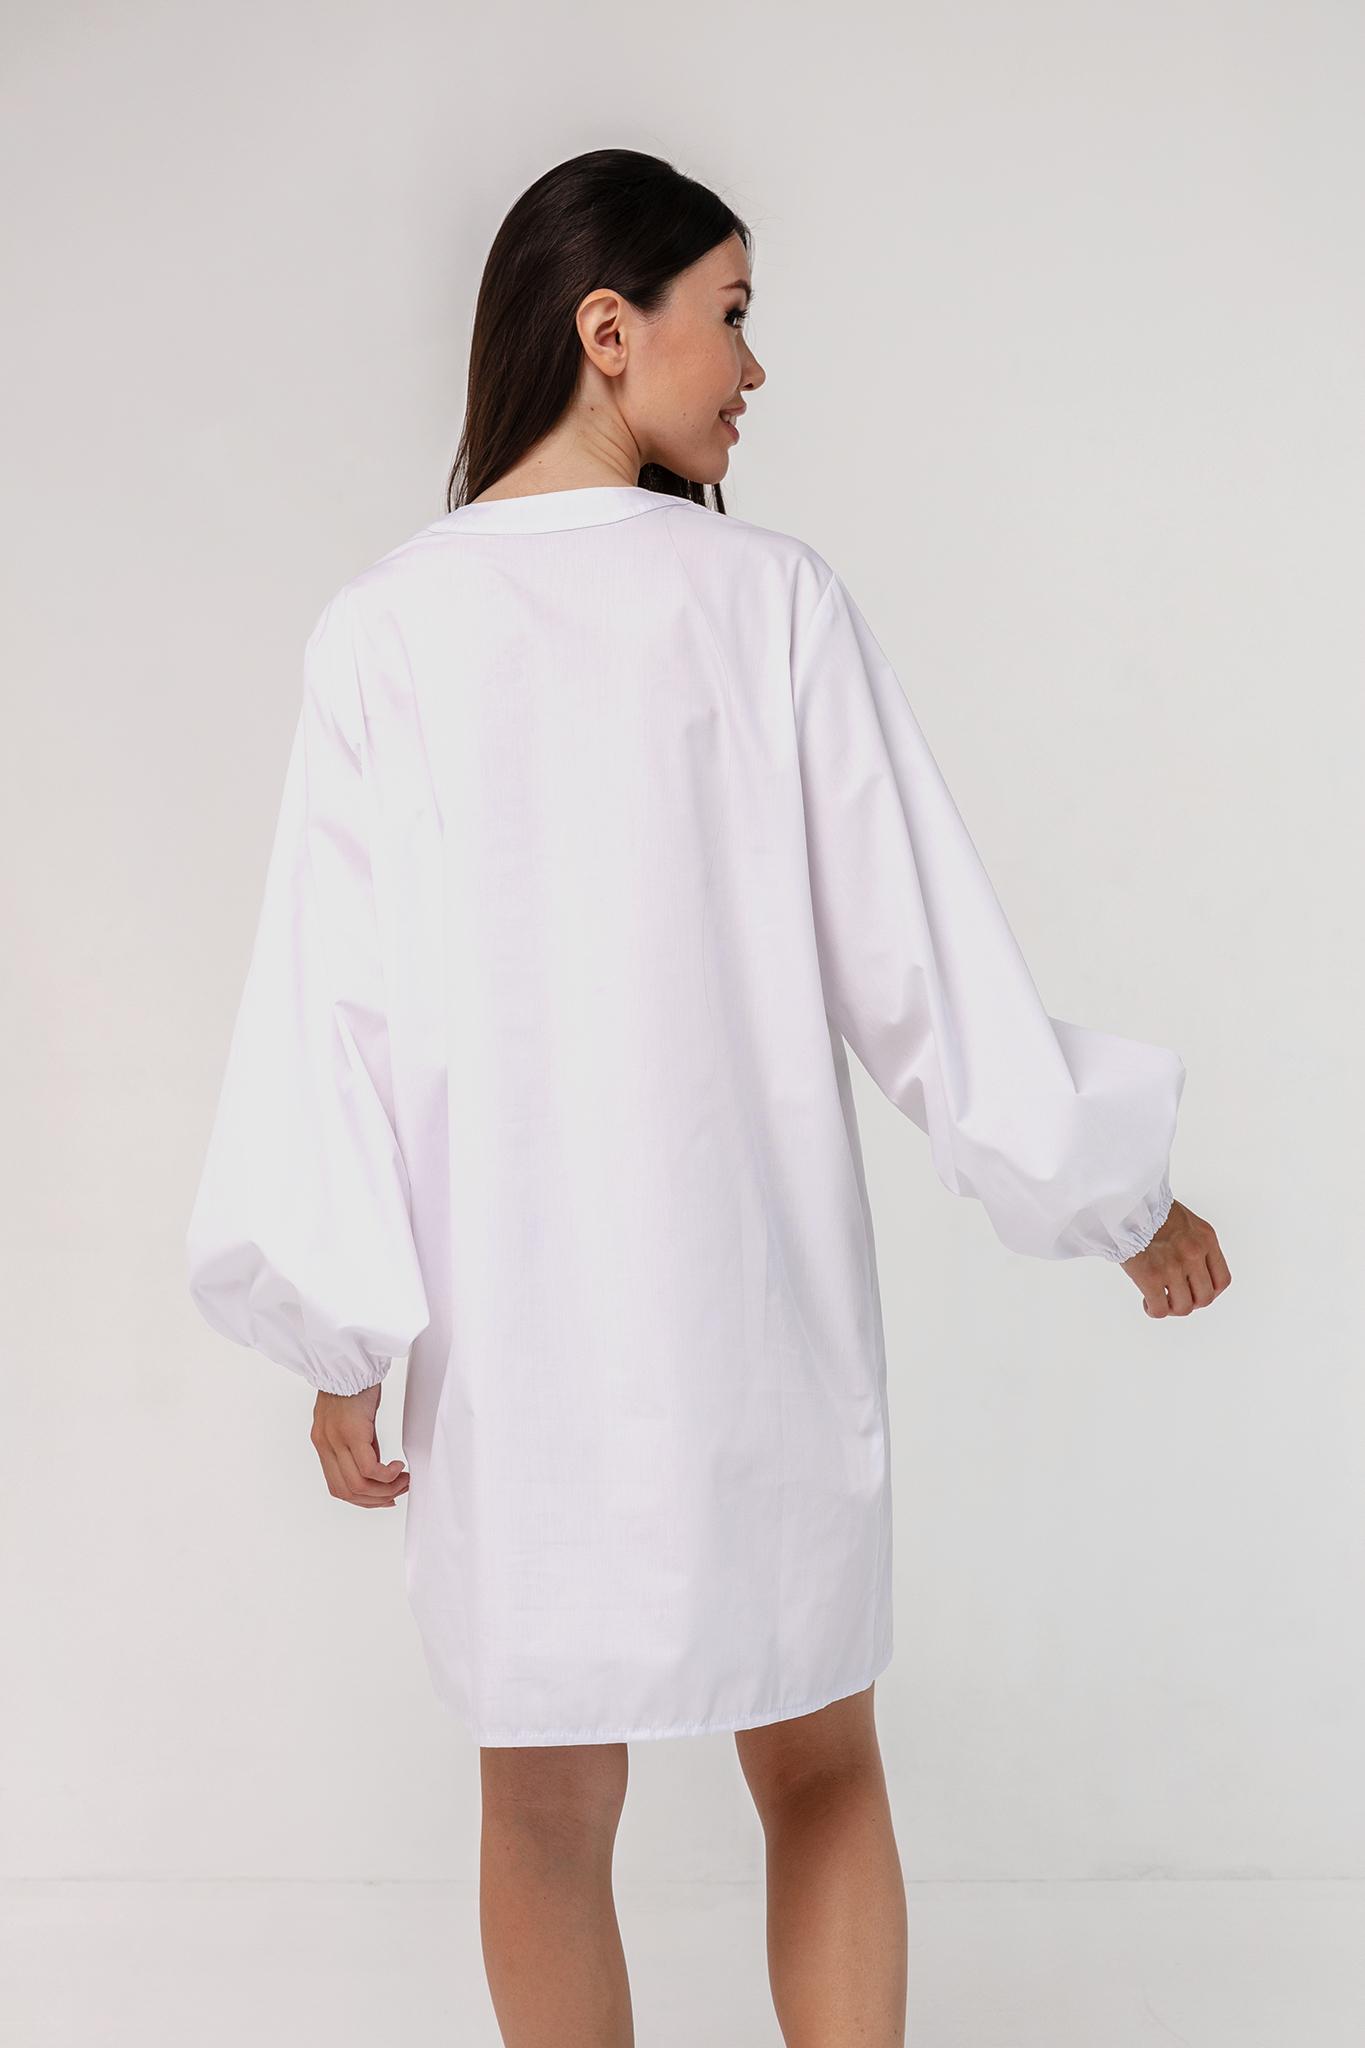 Платье-рубашка хлопковое с объемными рукавами белое YOS от украинского бренда Your Own Style